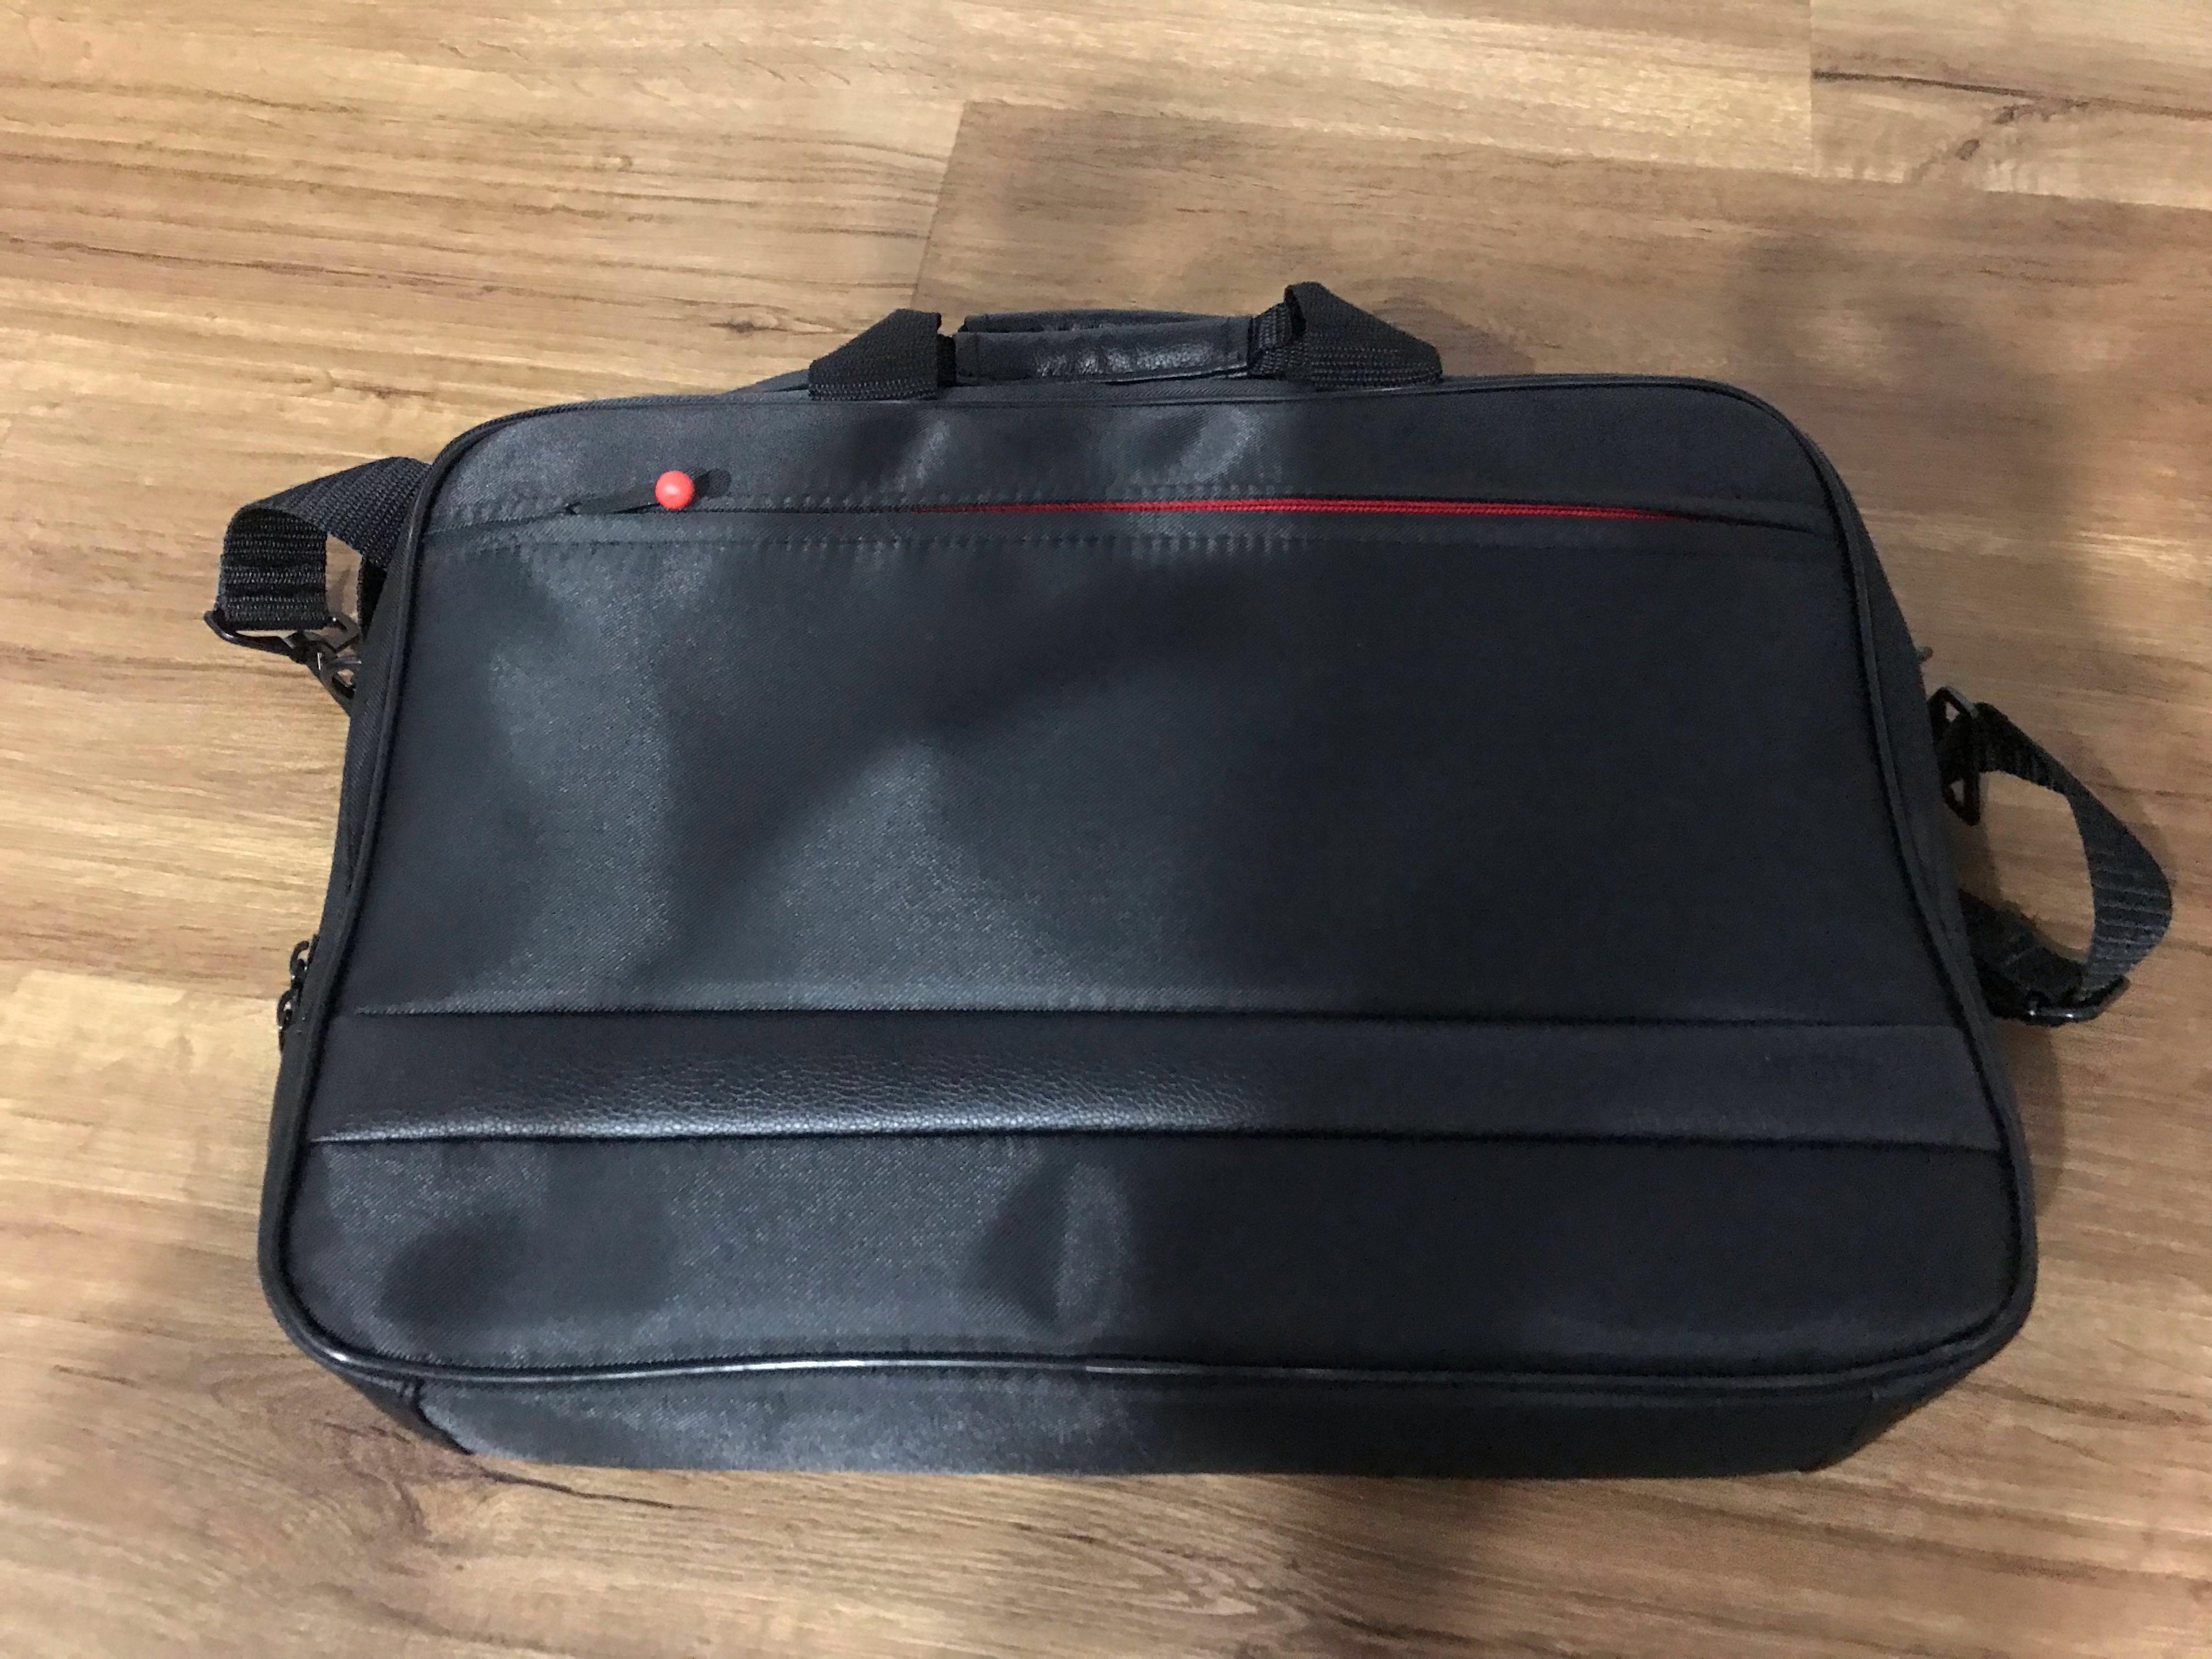 ca1e42191cdf Bag Buy Laptop Bag